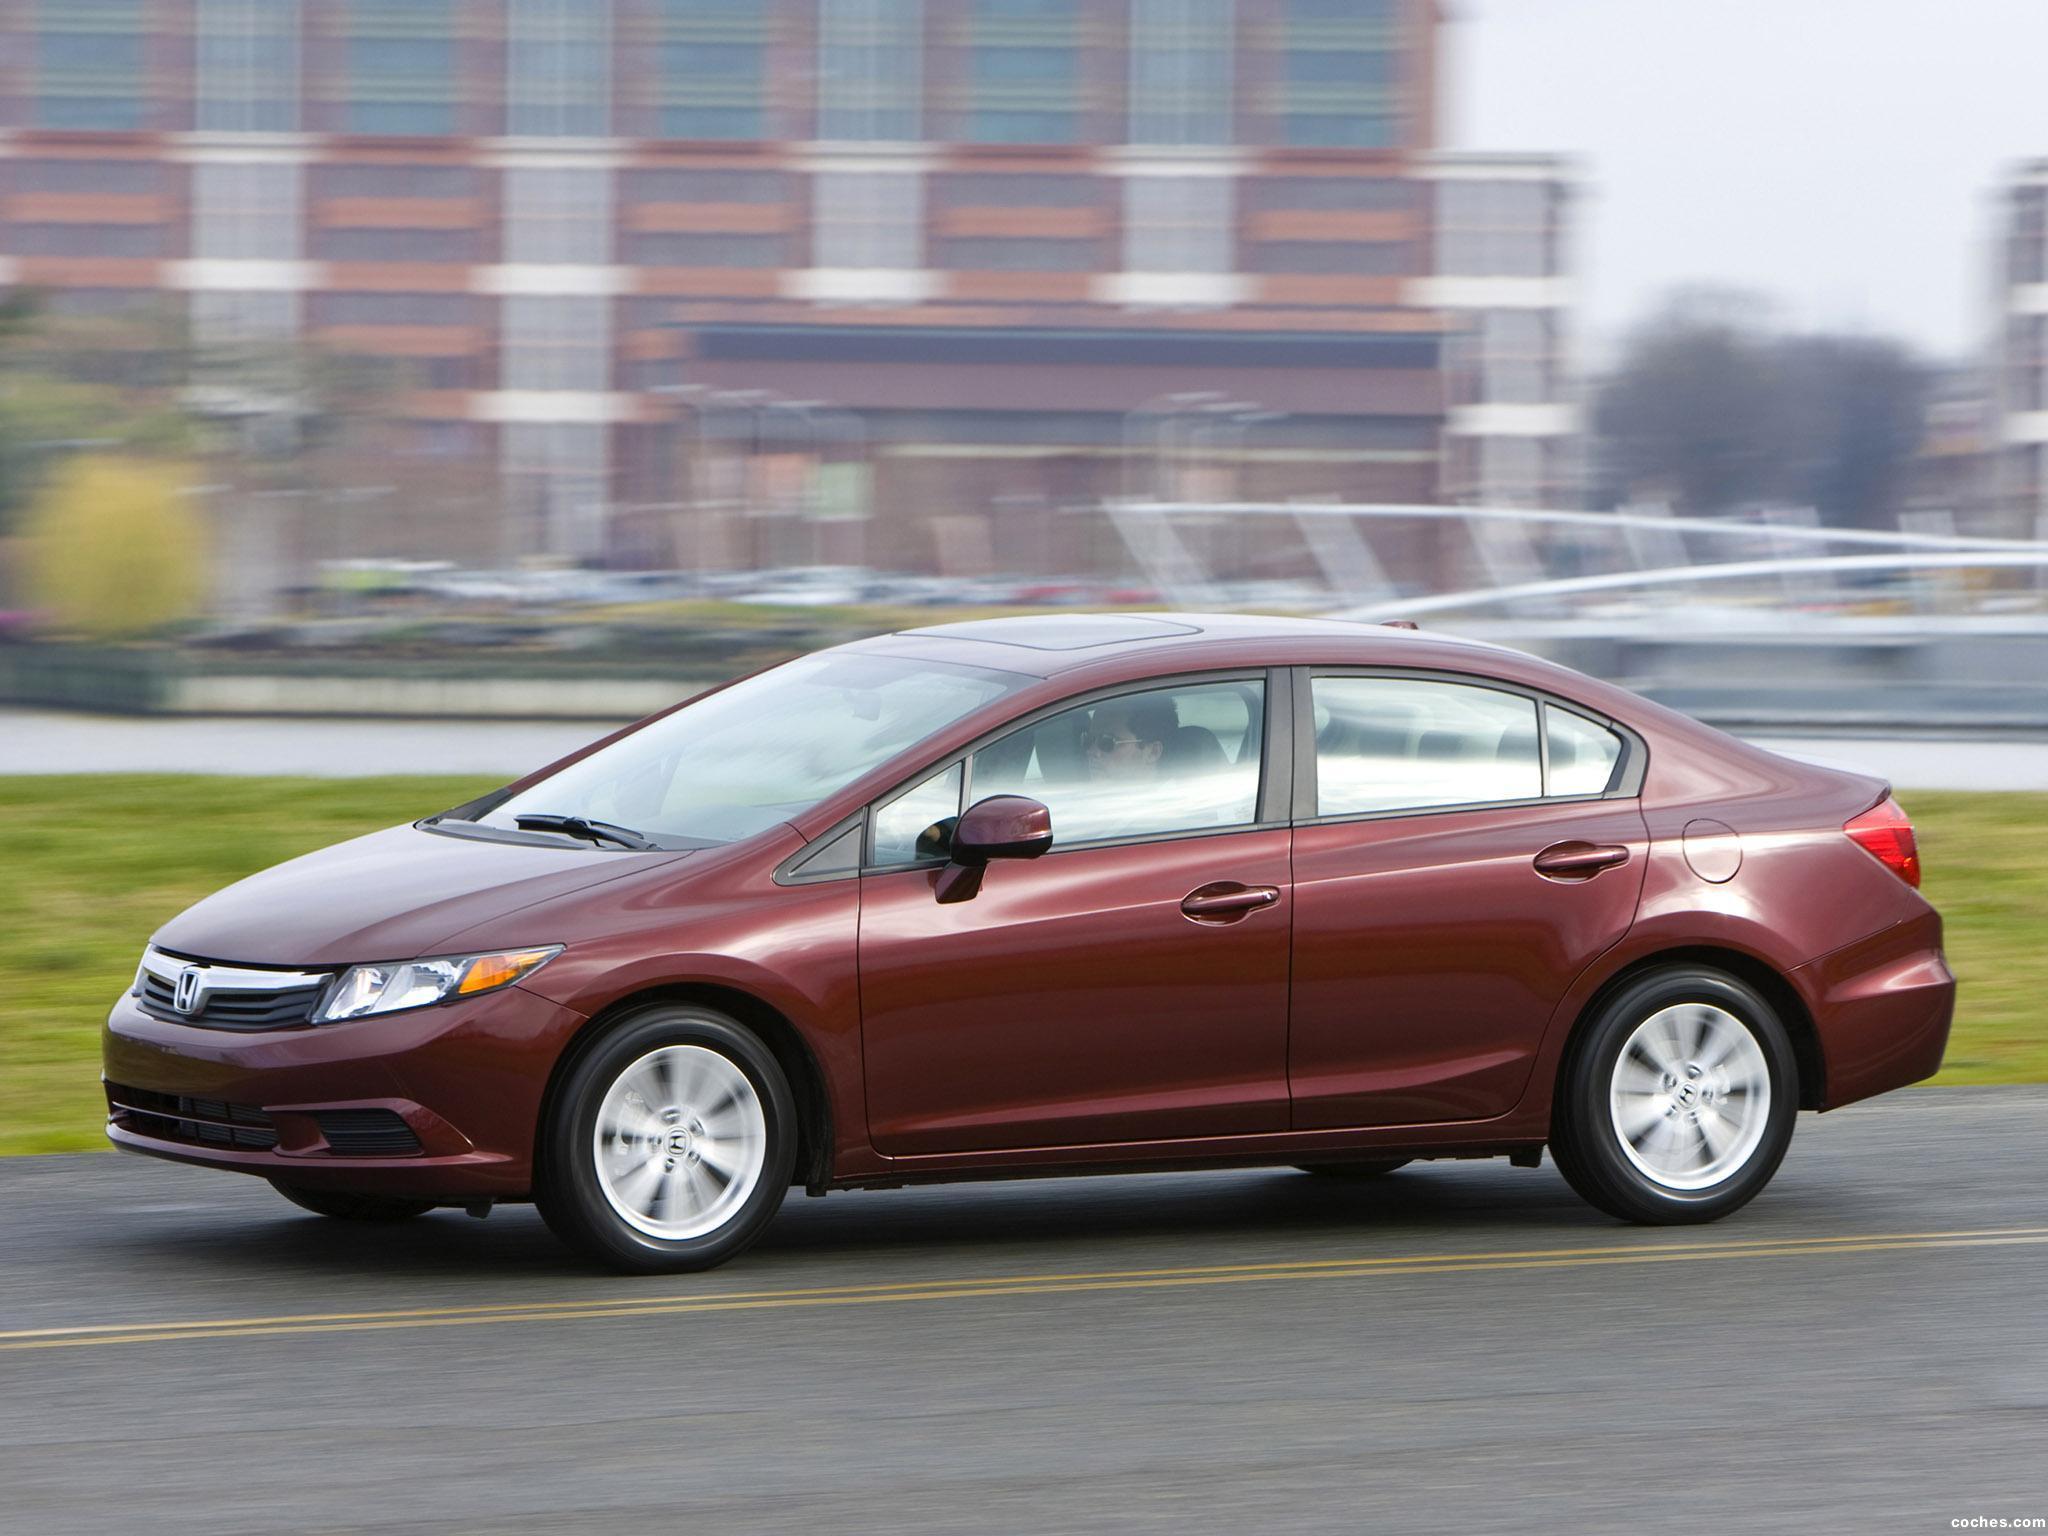 Foto 24 de Honda Civic EX-L Sedan 2011